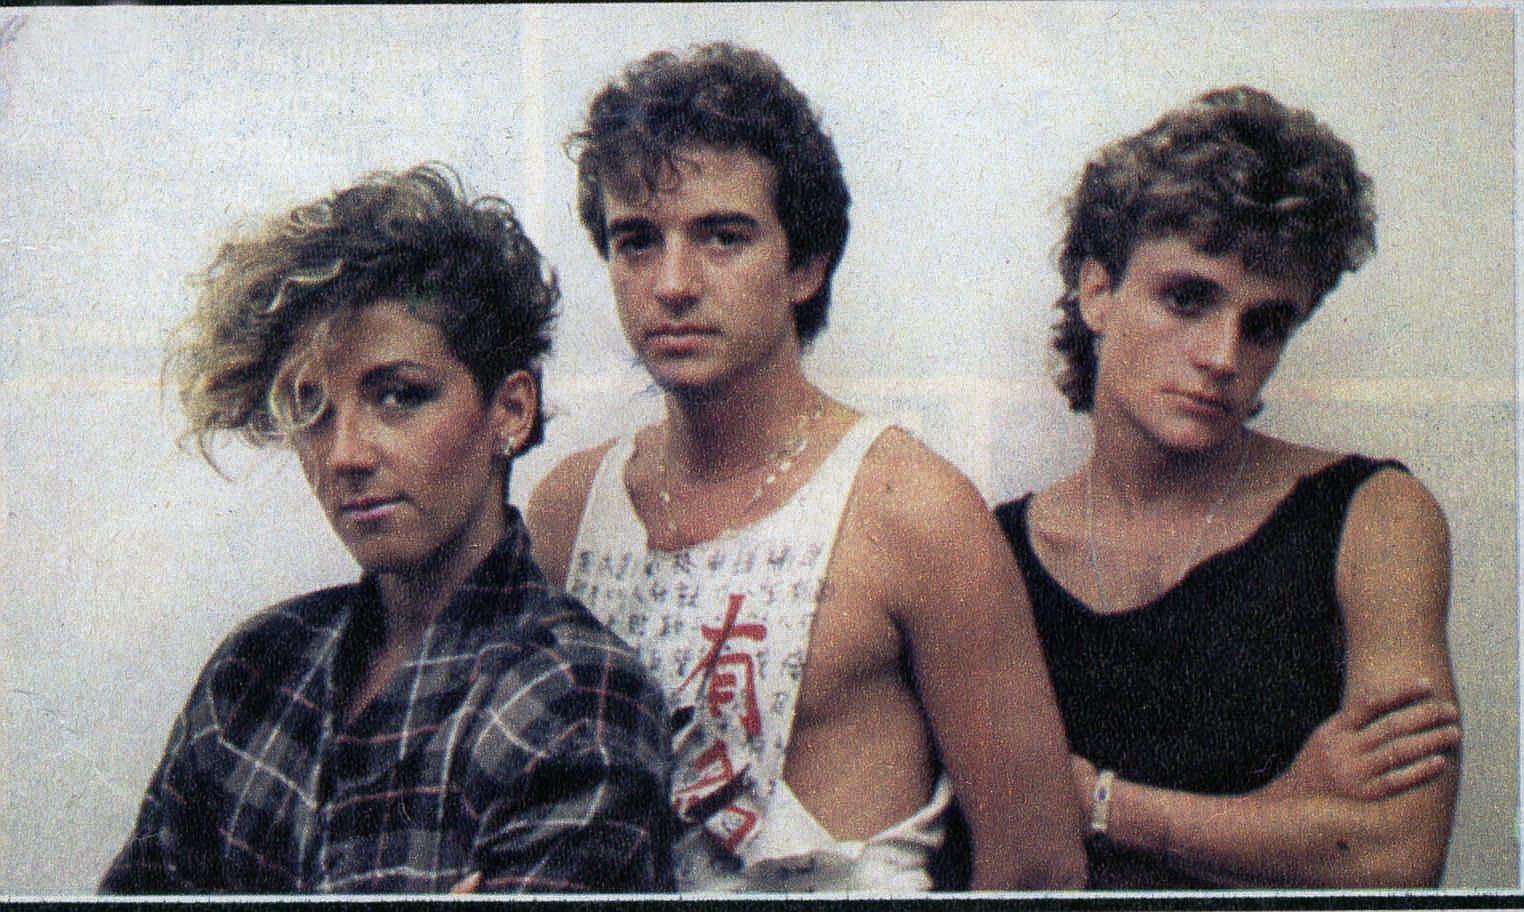 Ana, José María y Nacho Cano, Mecano, en los años 80.